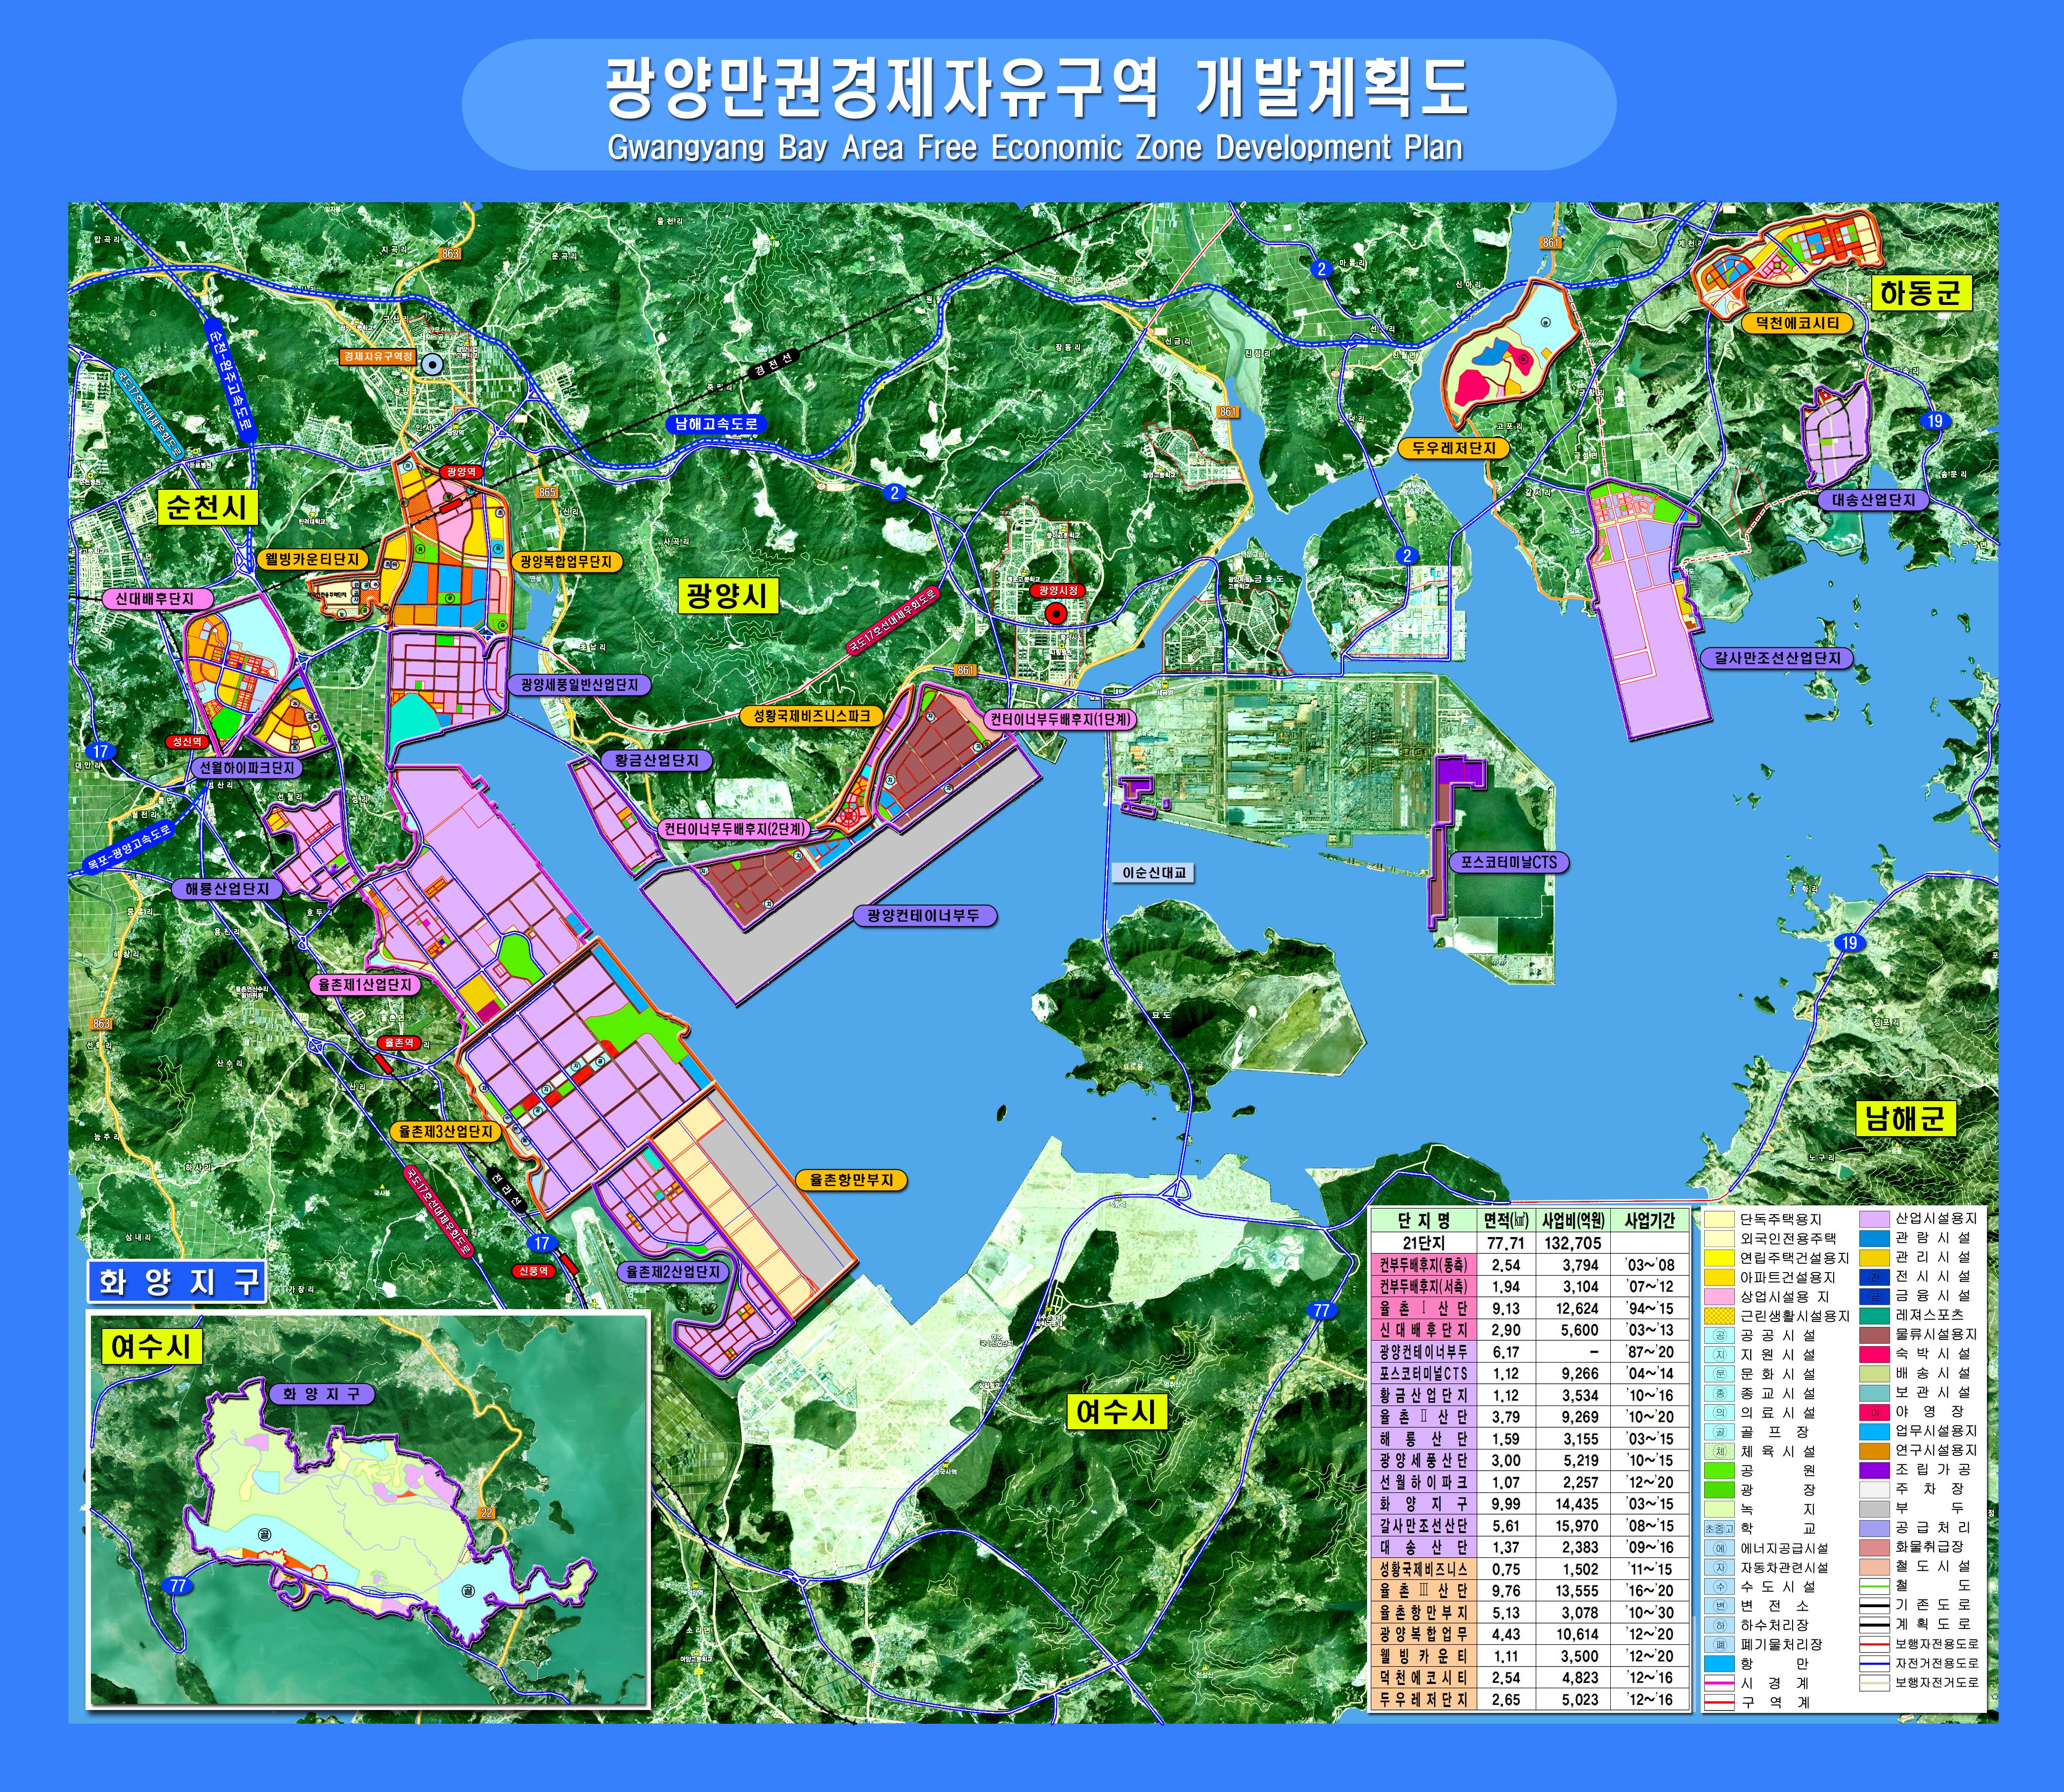 광양만권경제자유구역 개발계획도